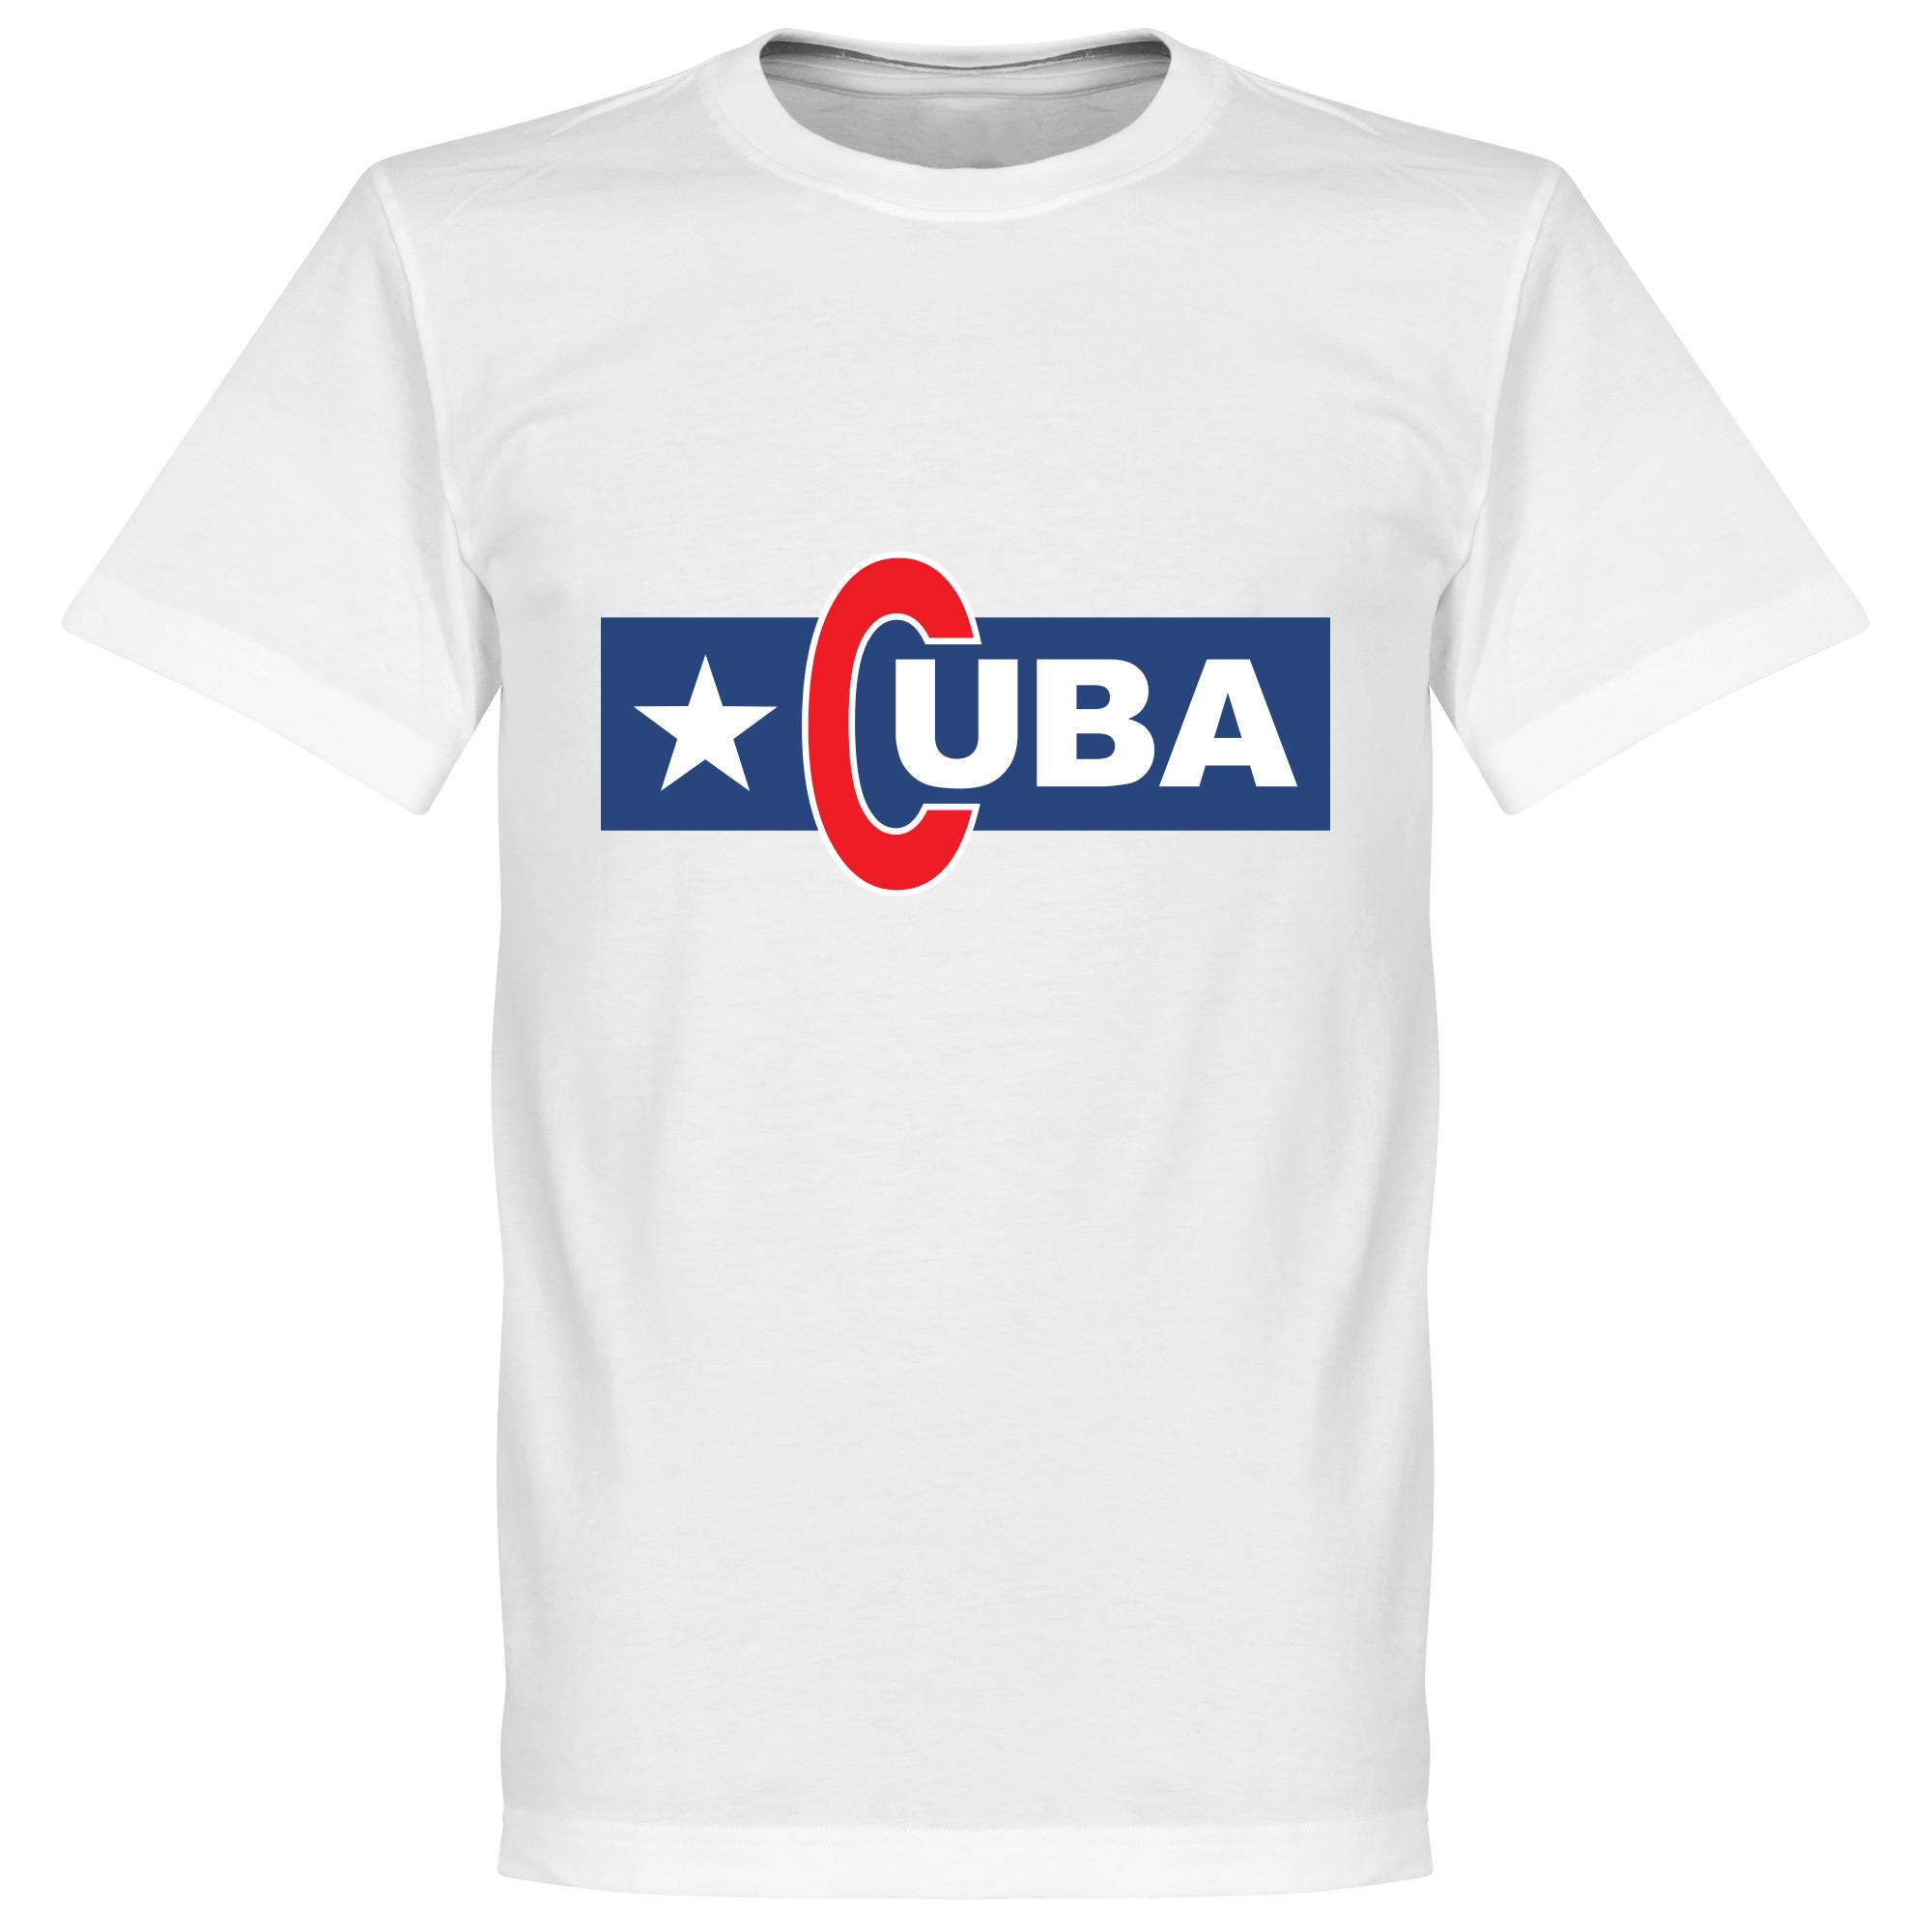 Cuba Crest Tee - S